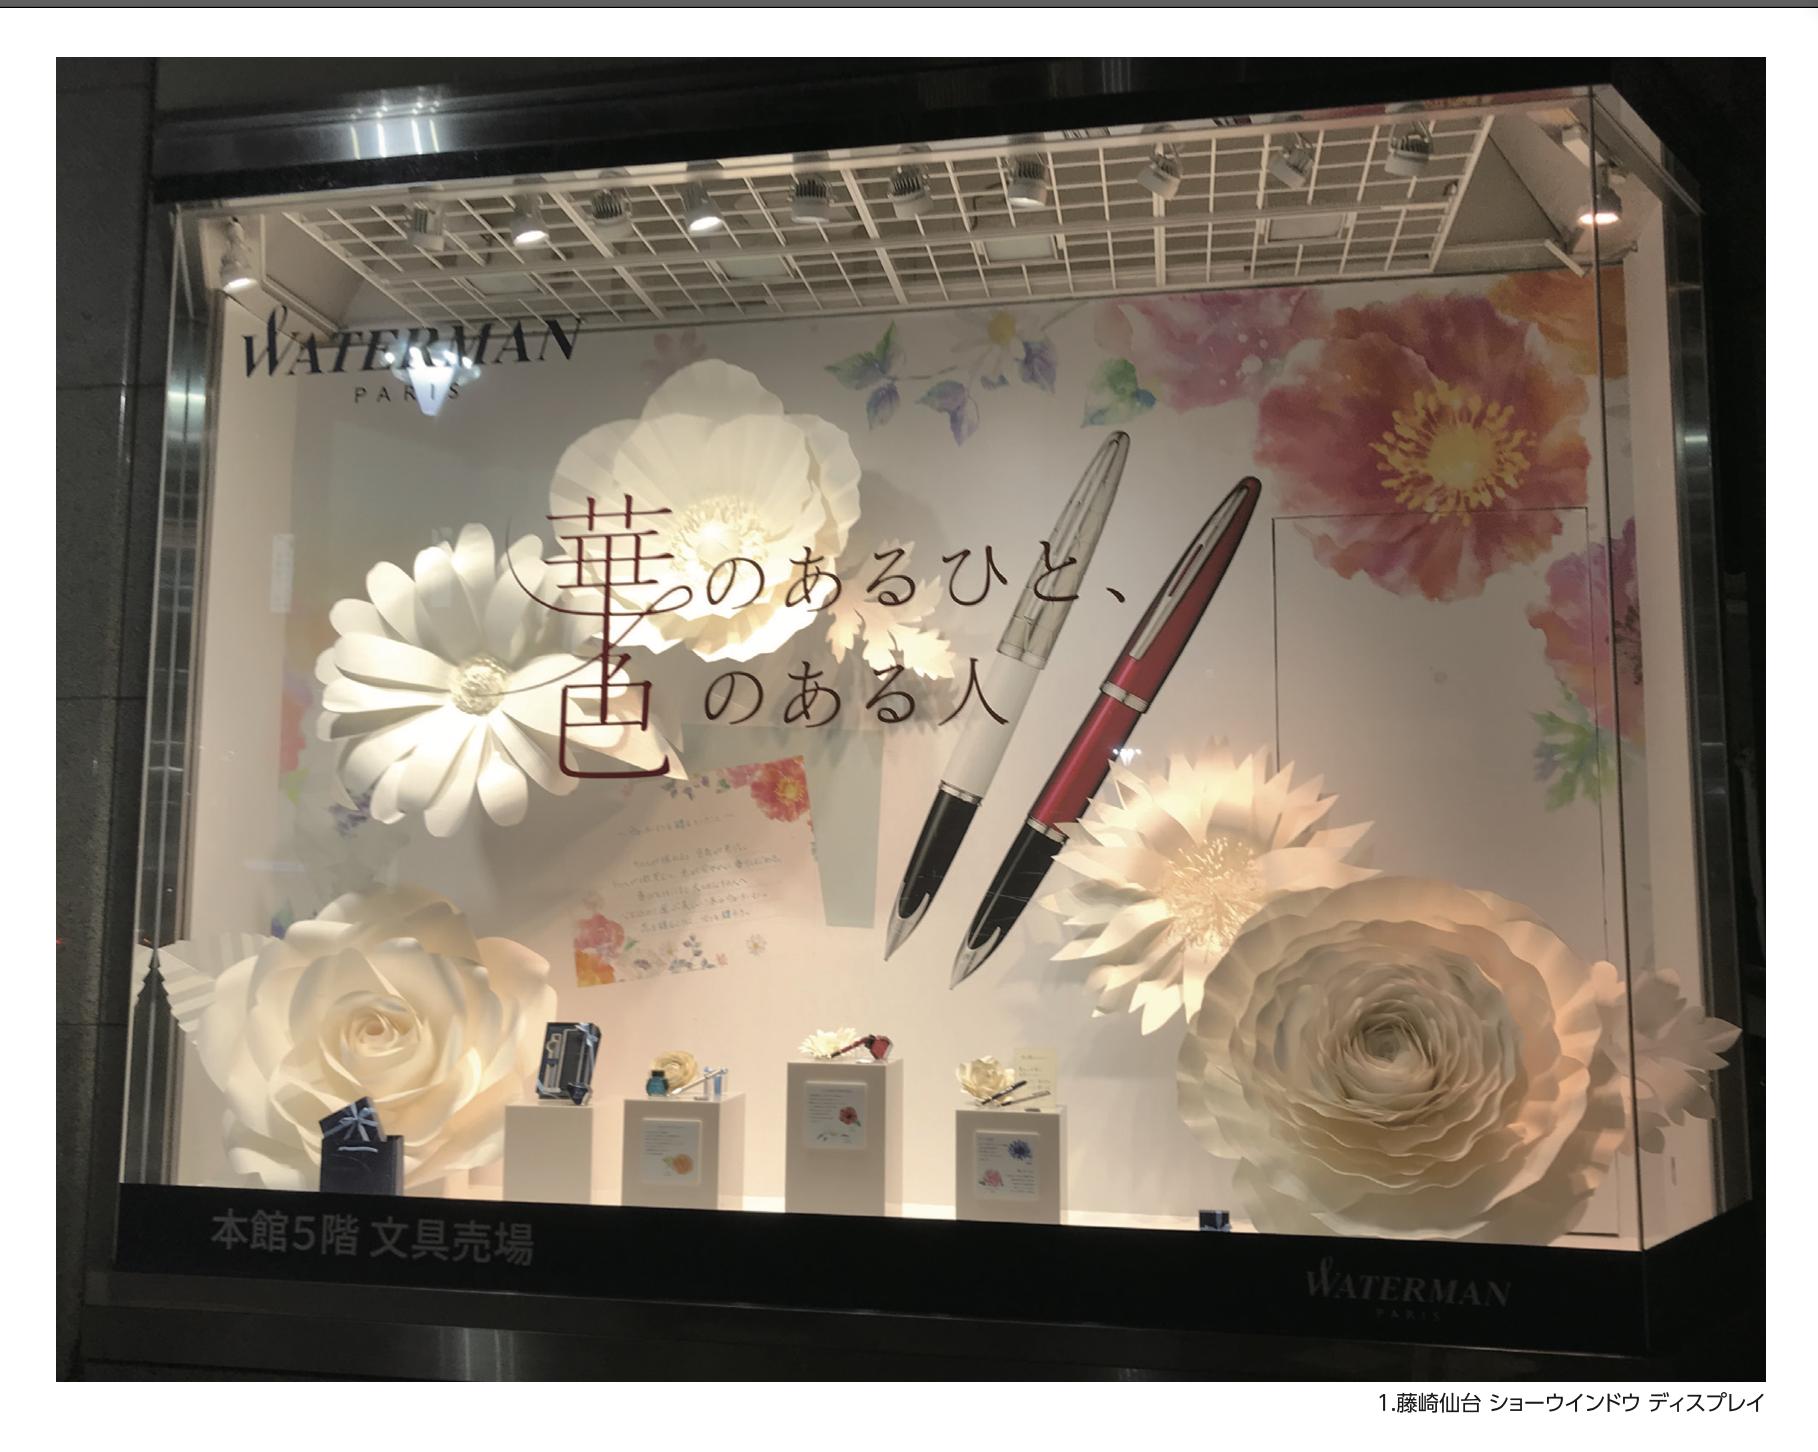 WATERMAN 藤崎百貨店 シューウィンドウ